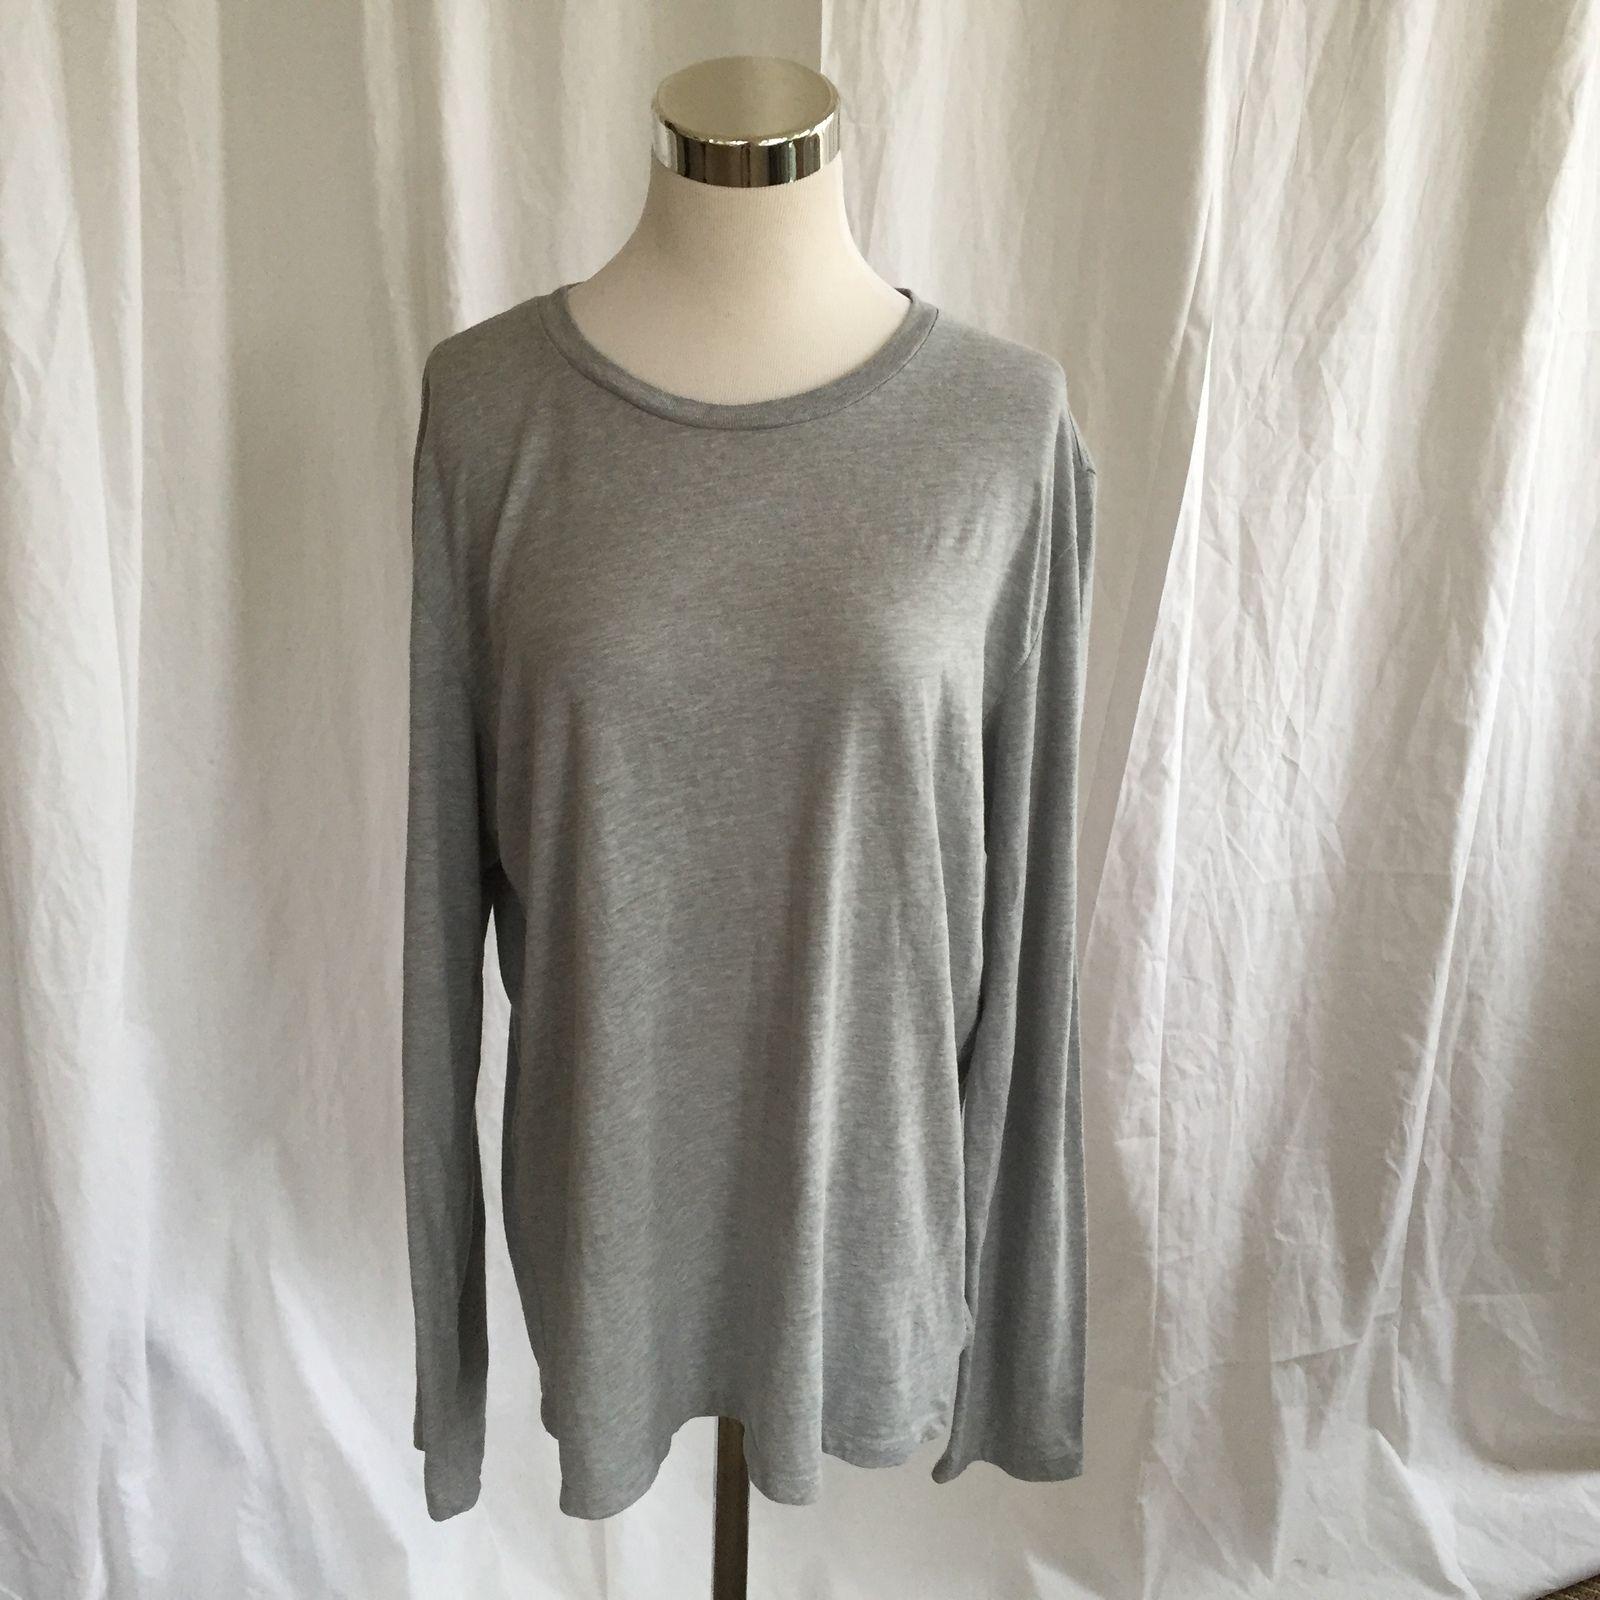 SALE! Ladies Sz L Gap 1969 Gray Long Sleeve Tee just $10.50